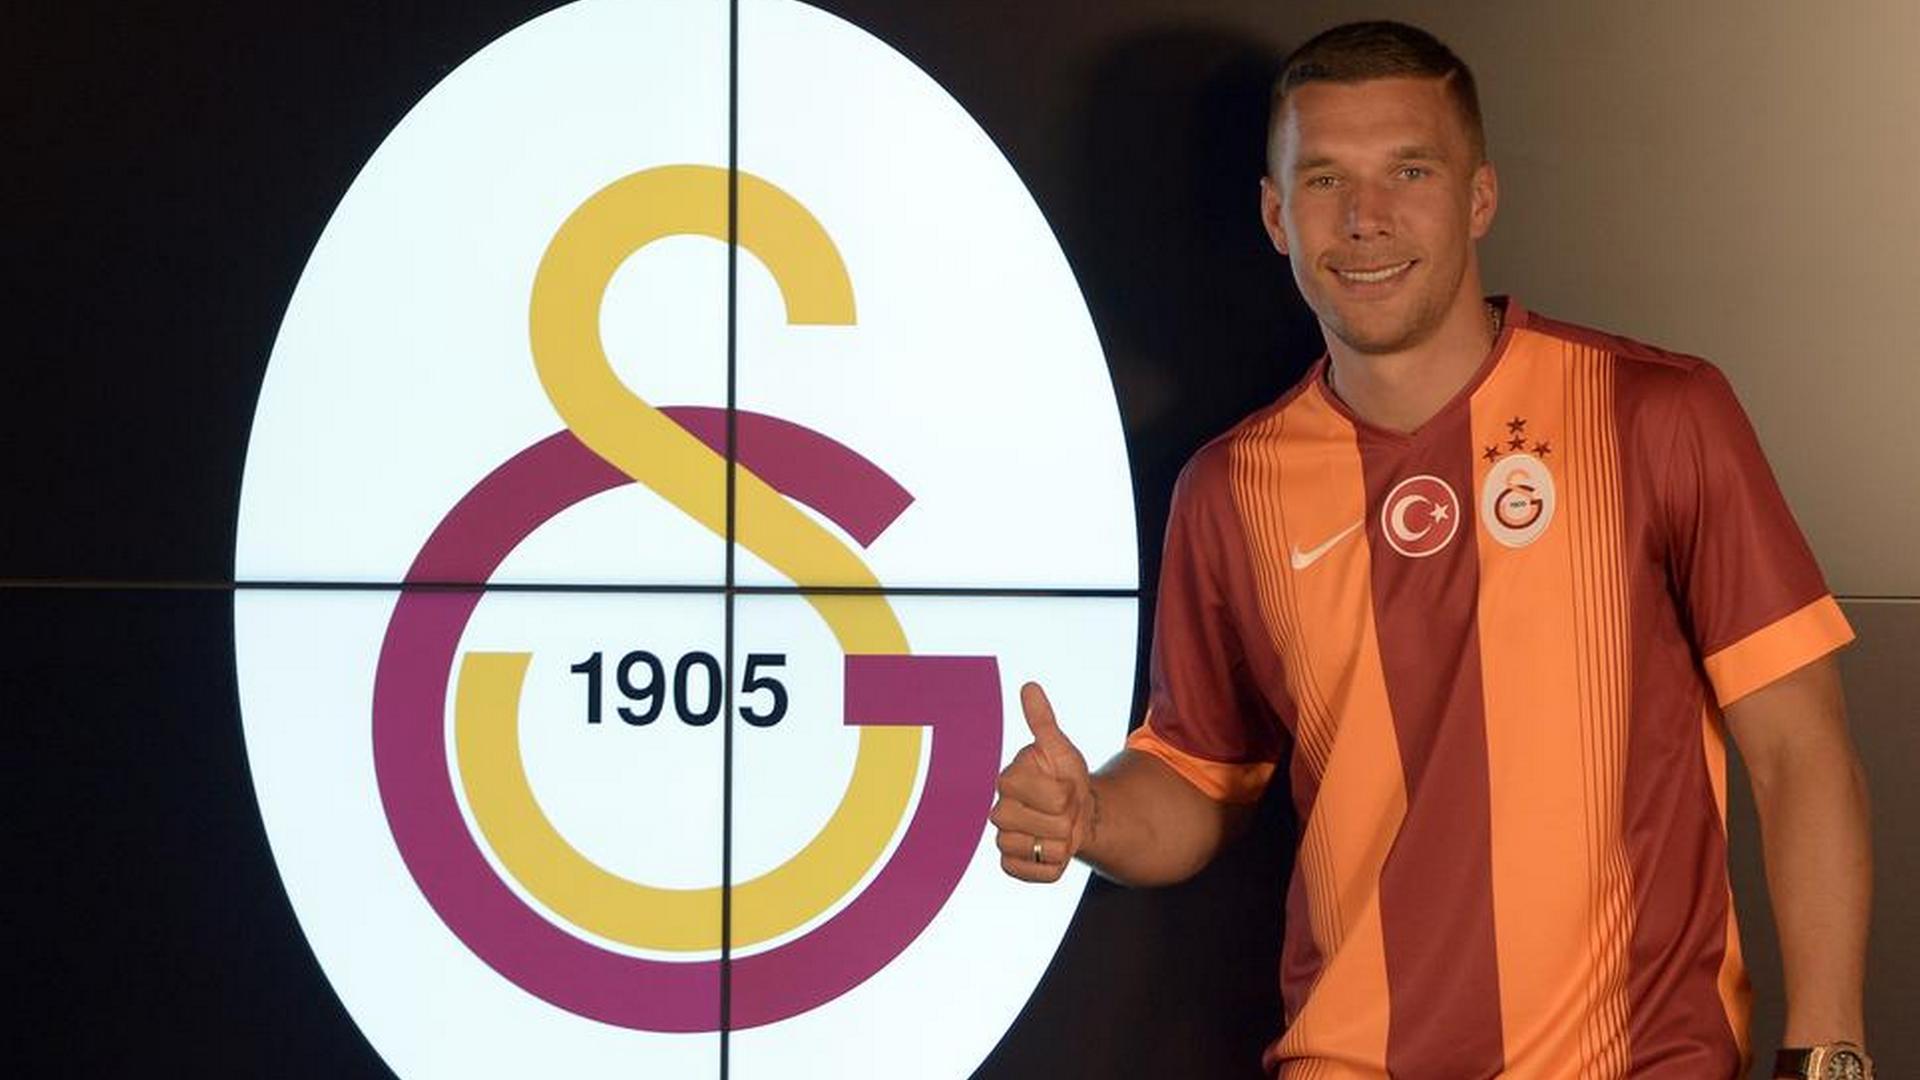 Oficial! Podolski assina por três anos com o Galatasaray